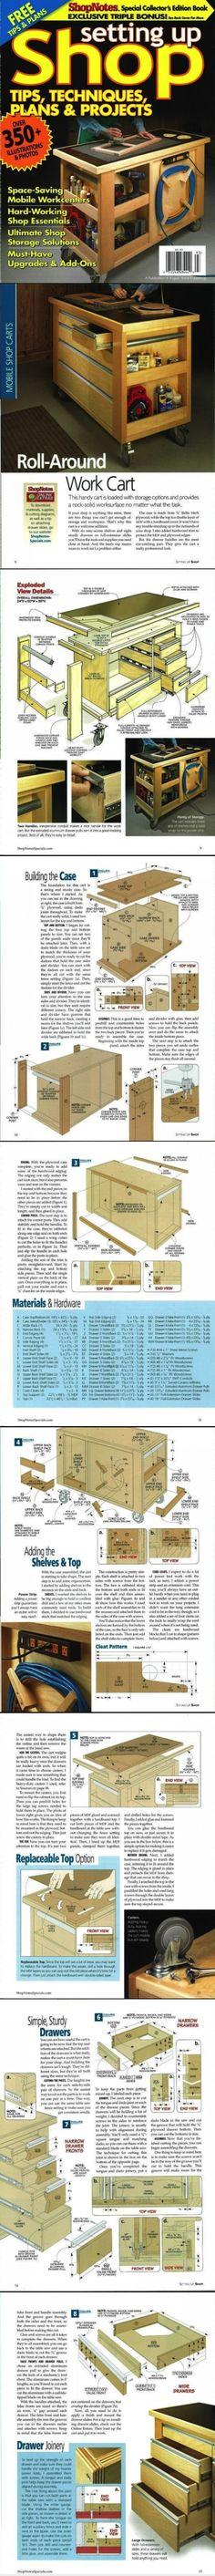 ShopNotes Magazine / Setting Up Shop 2009